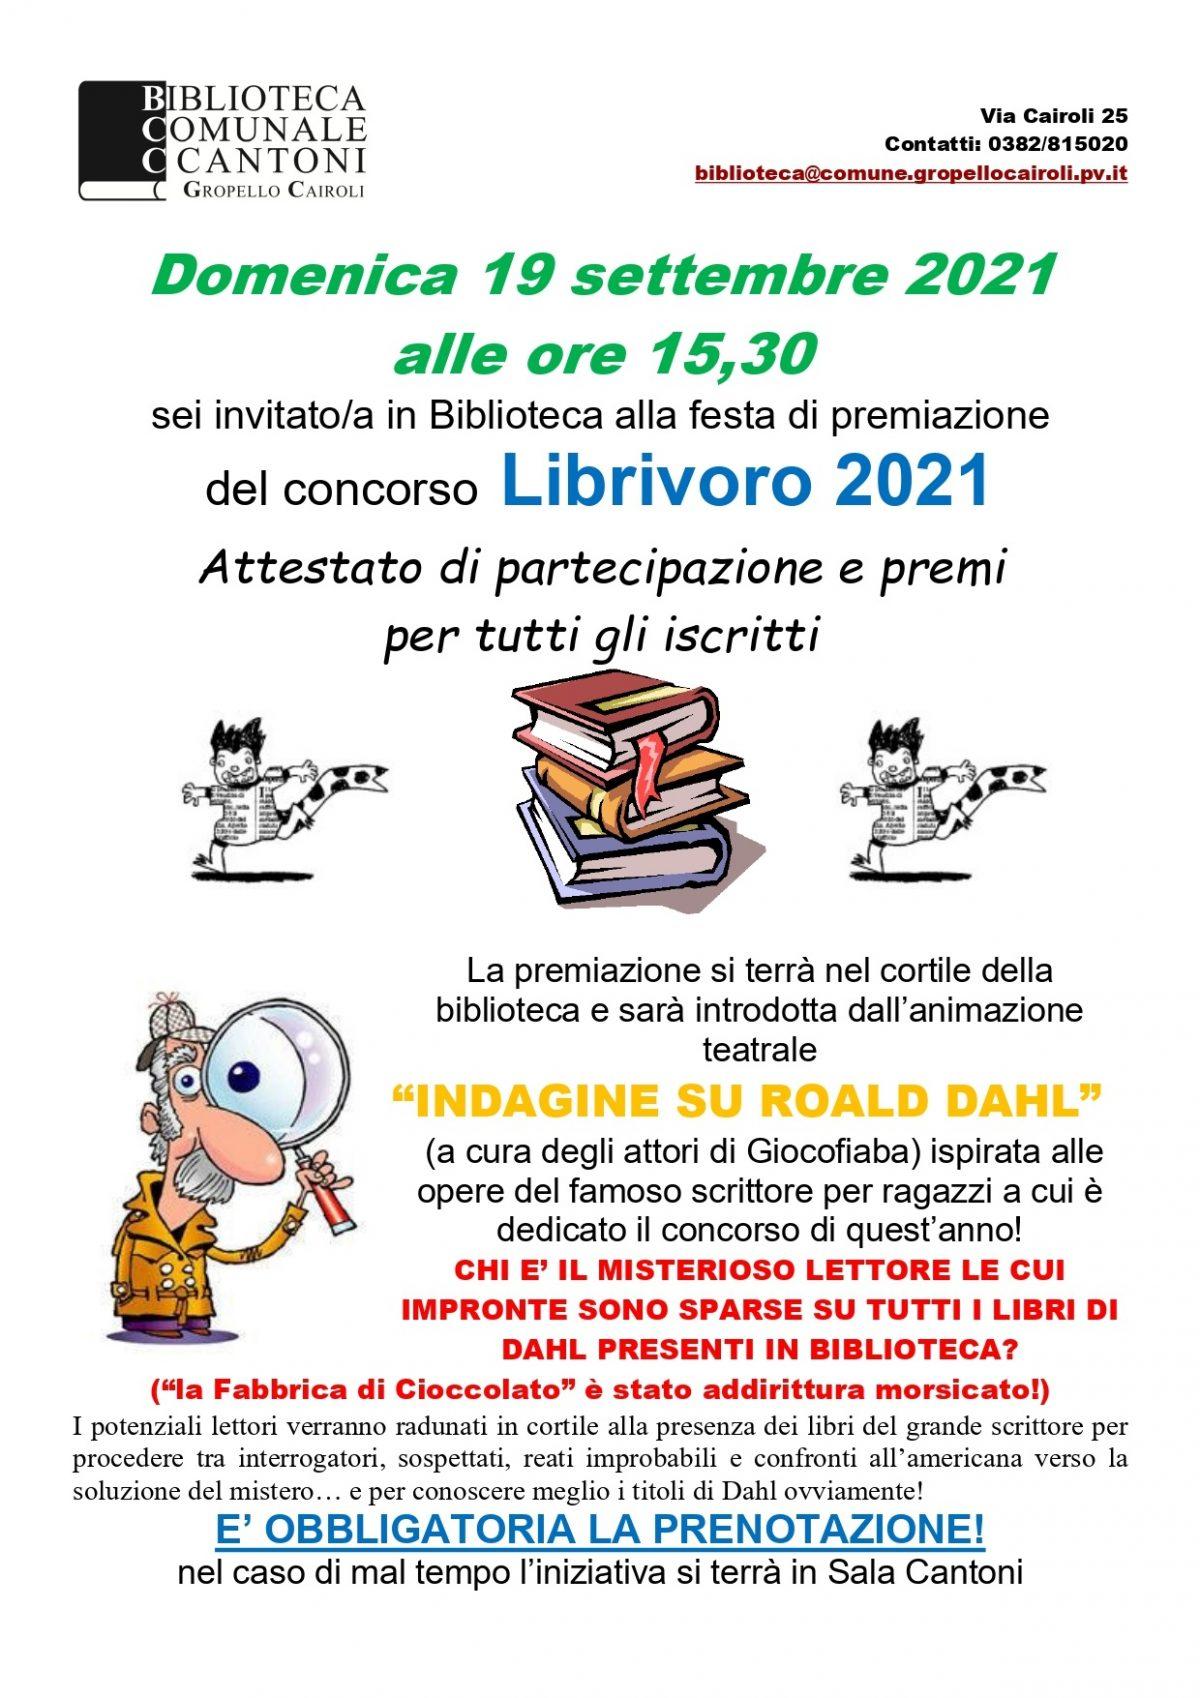 Biblioteca: domenica 19 settembre Premiazione del concorso di lettura Librivoro 2021, XX edizione